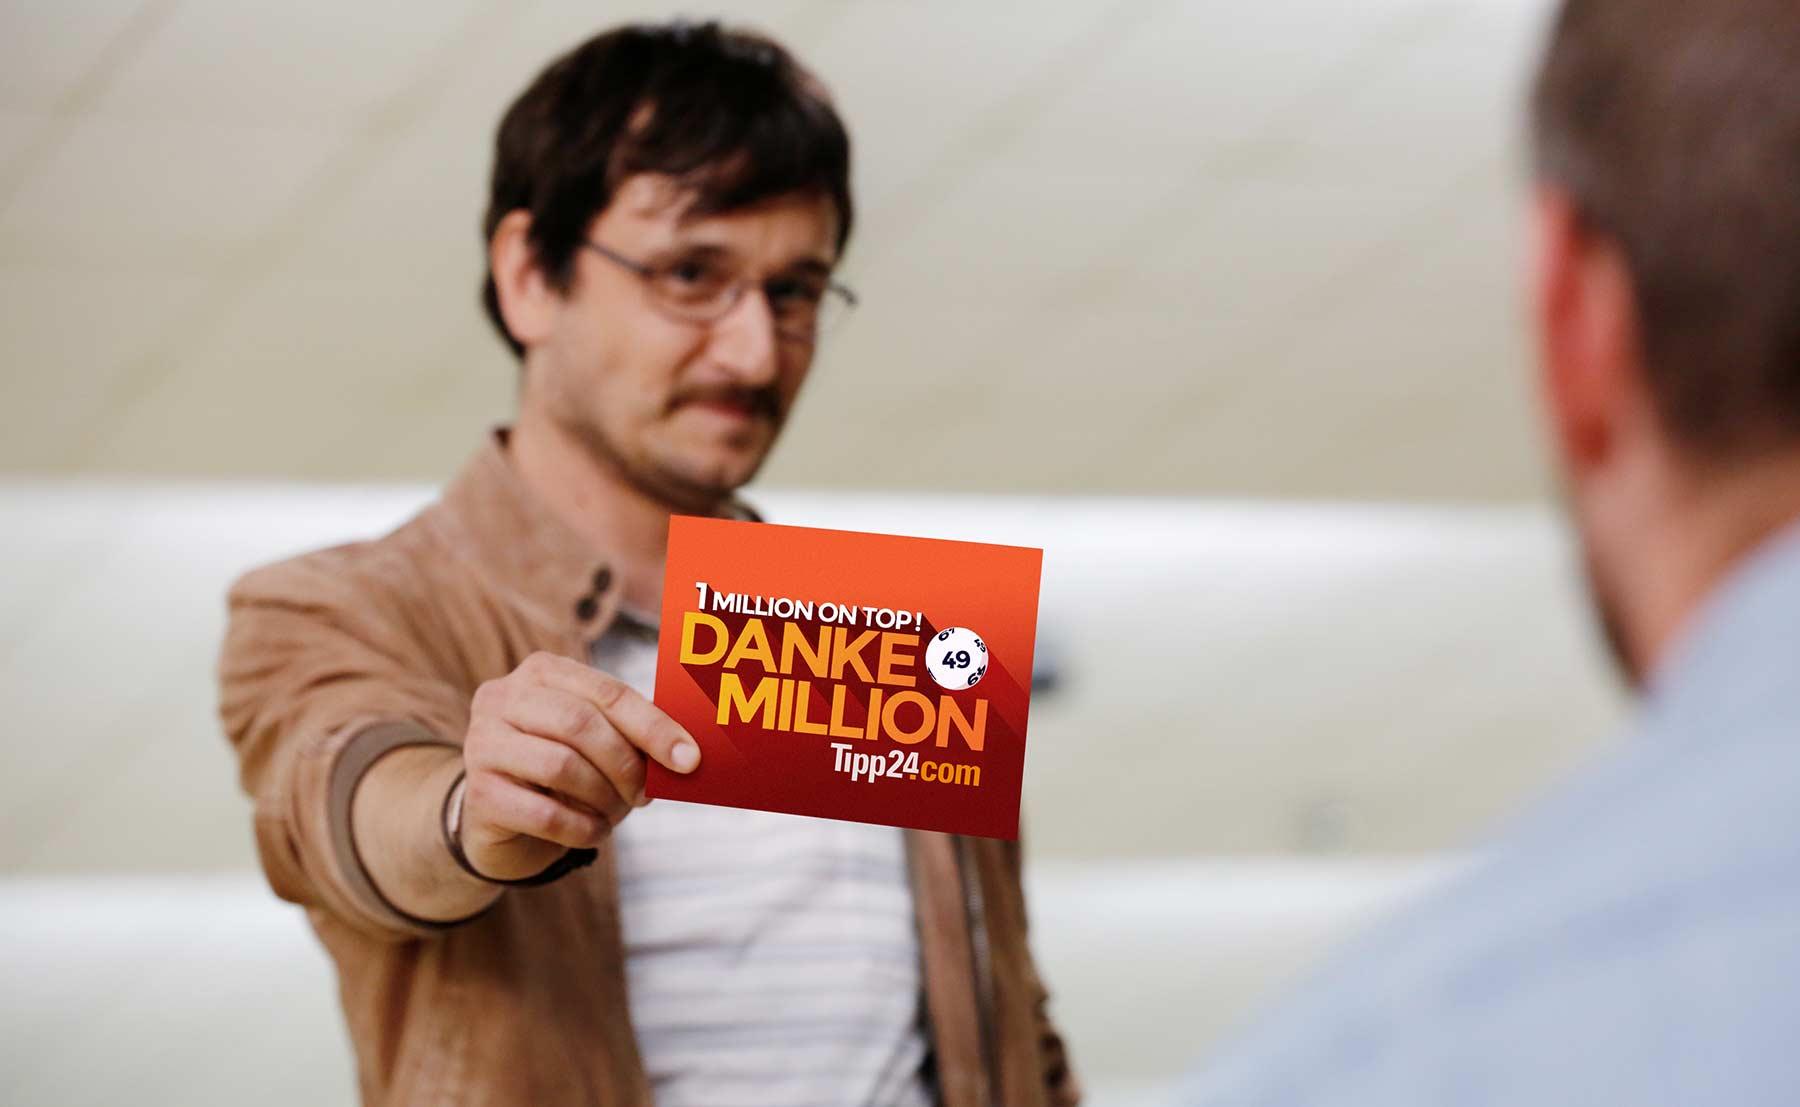 Besonderes Freundschafts-Geschenk: die DANKE-MILLION